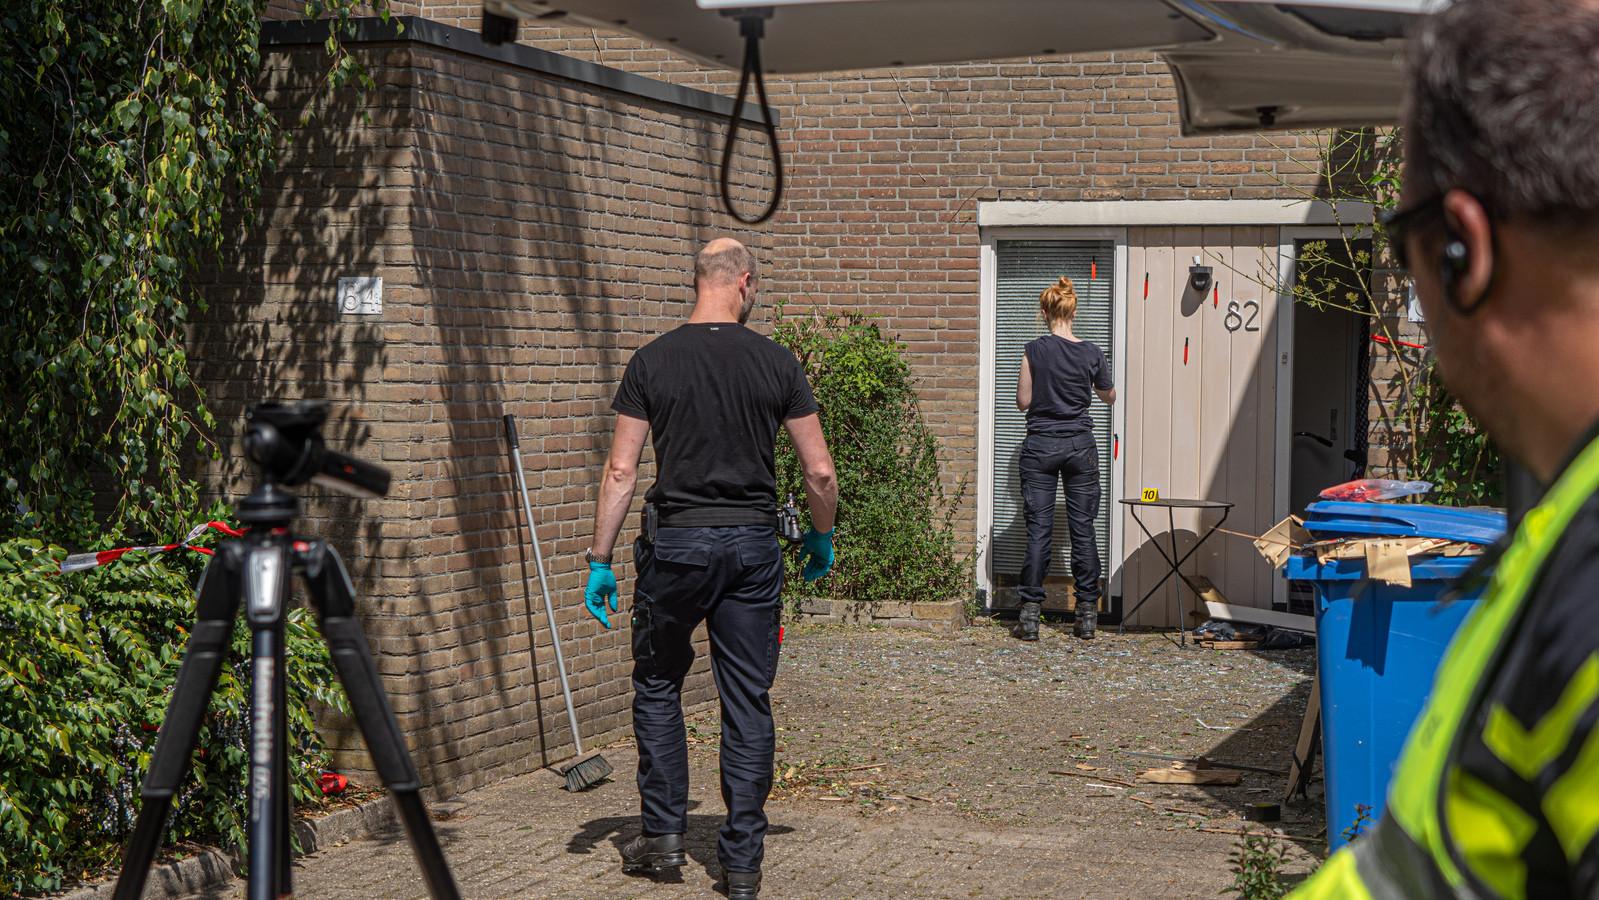 Politie doet onderzoek bij de woning waar de explosie plaatsvond.